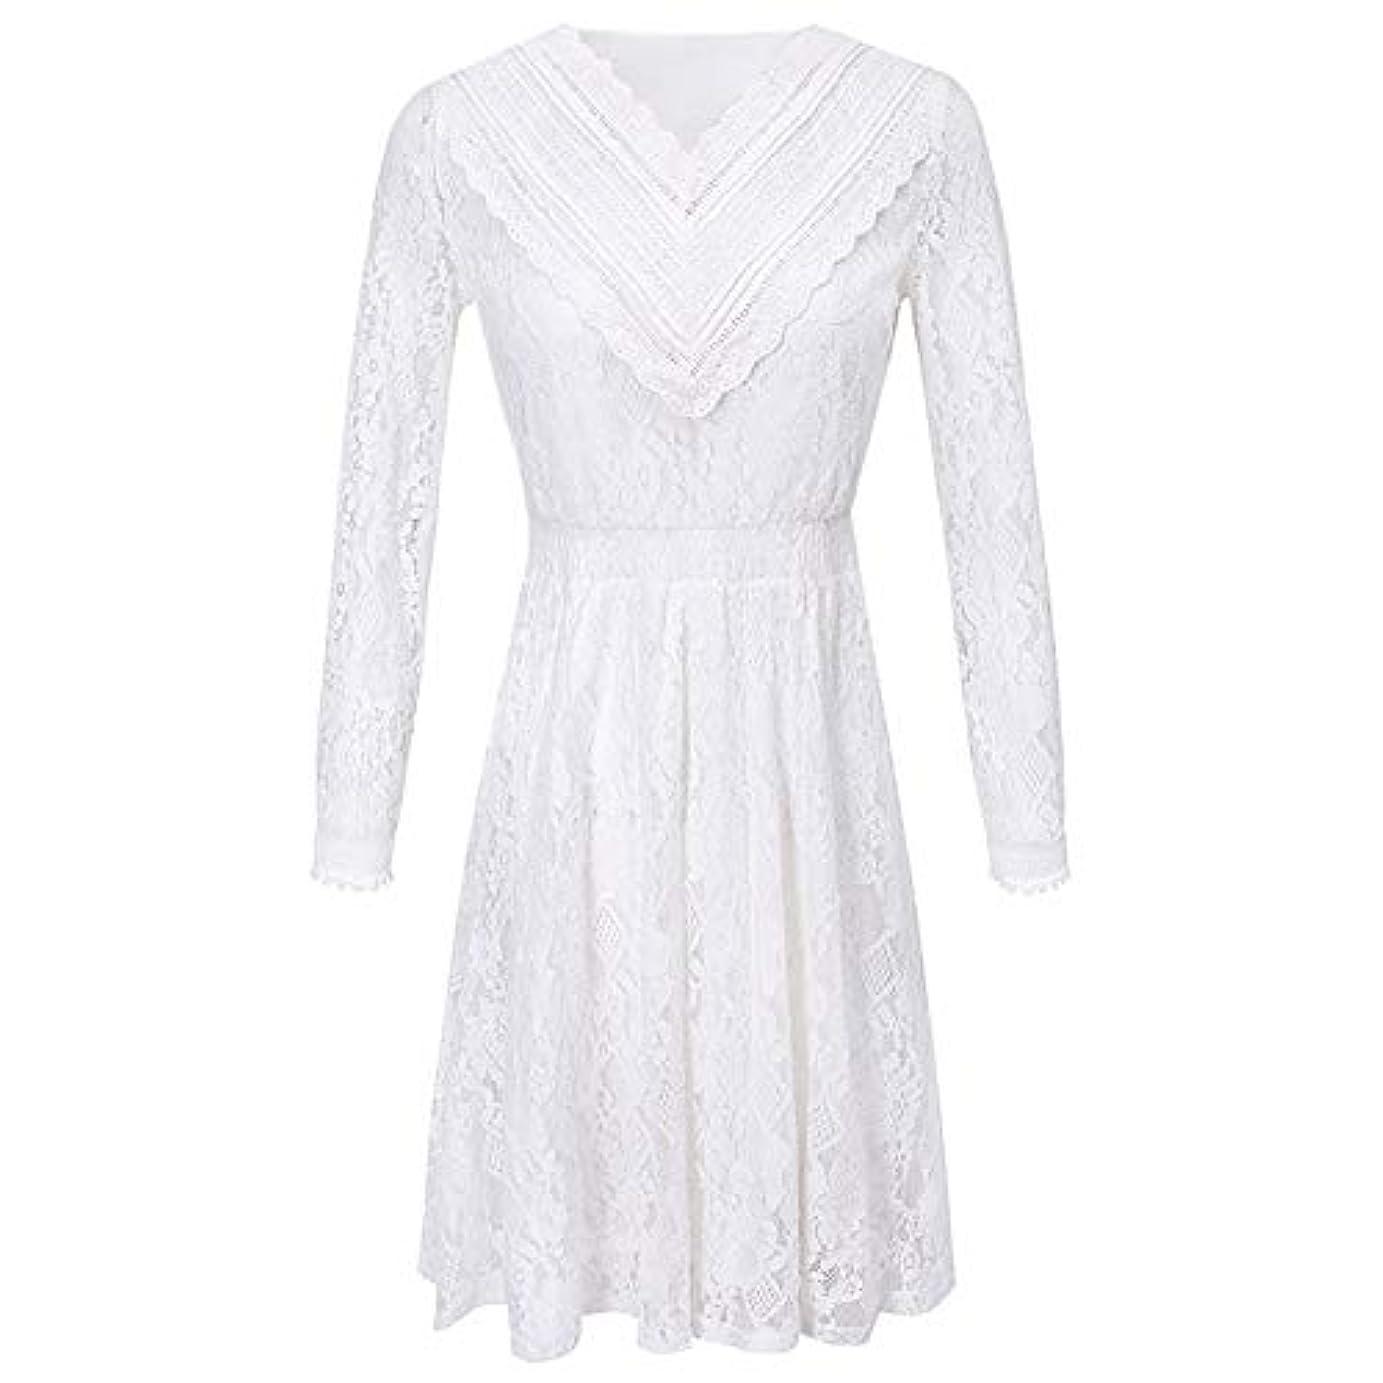 狂人財布残忍な女性のレースのドレス - 透かし無地長袖スカート - レディースホワイト気質シックな女性のウエディングドレス